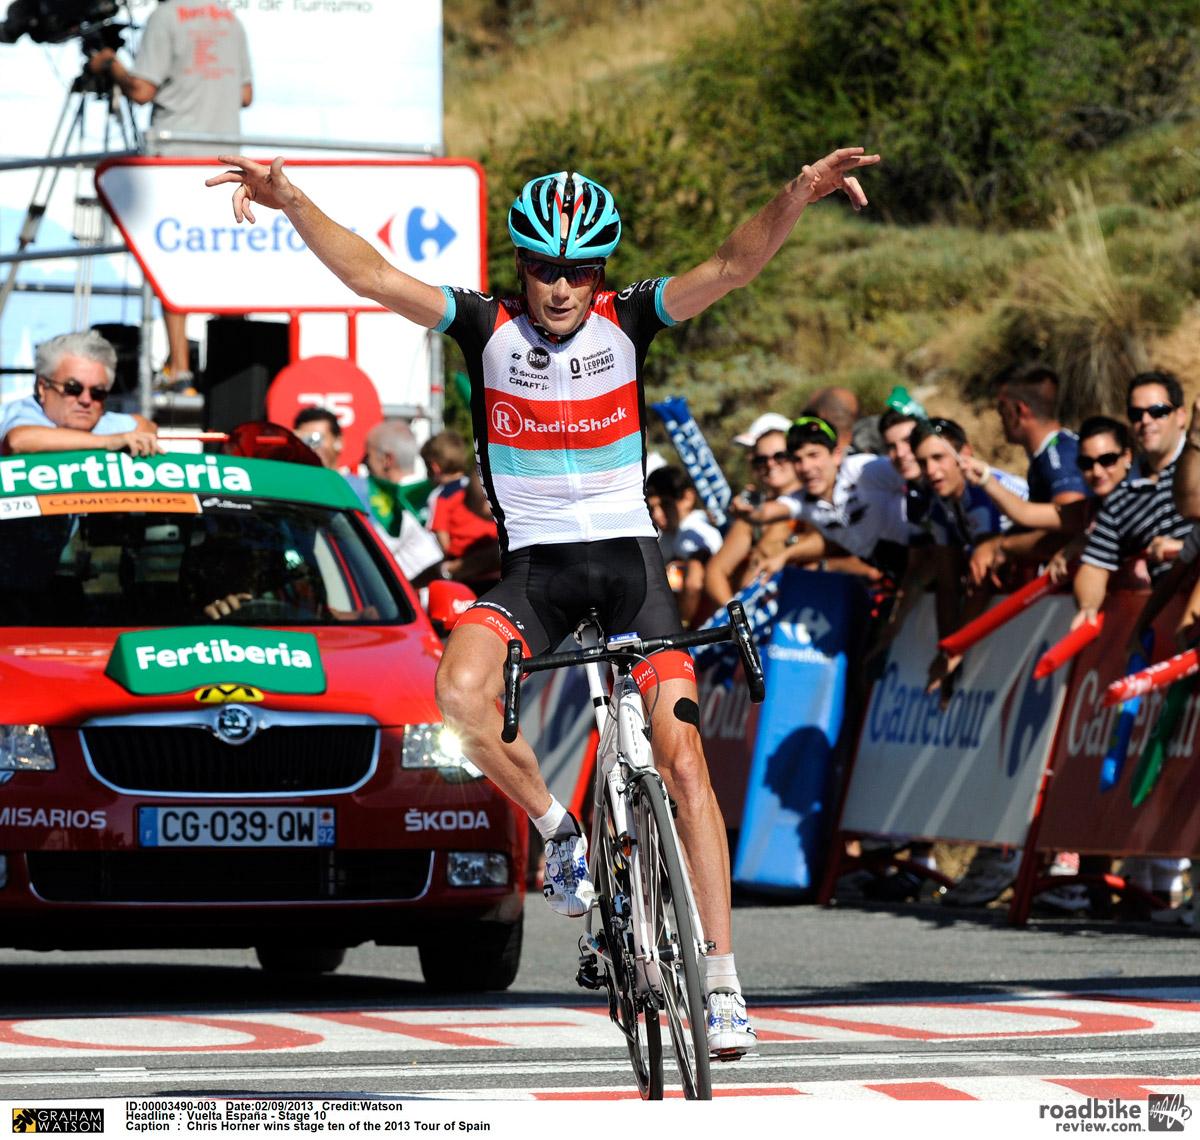 The American won the Vuelta a España in 2013.